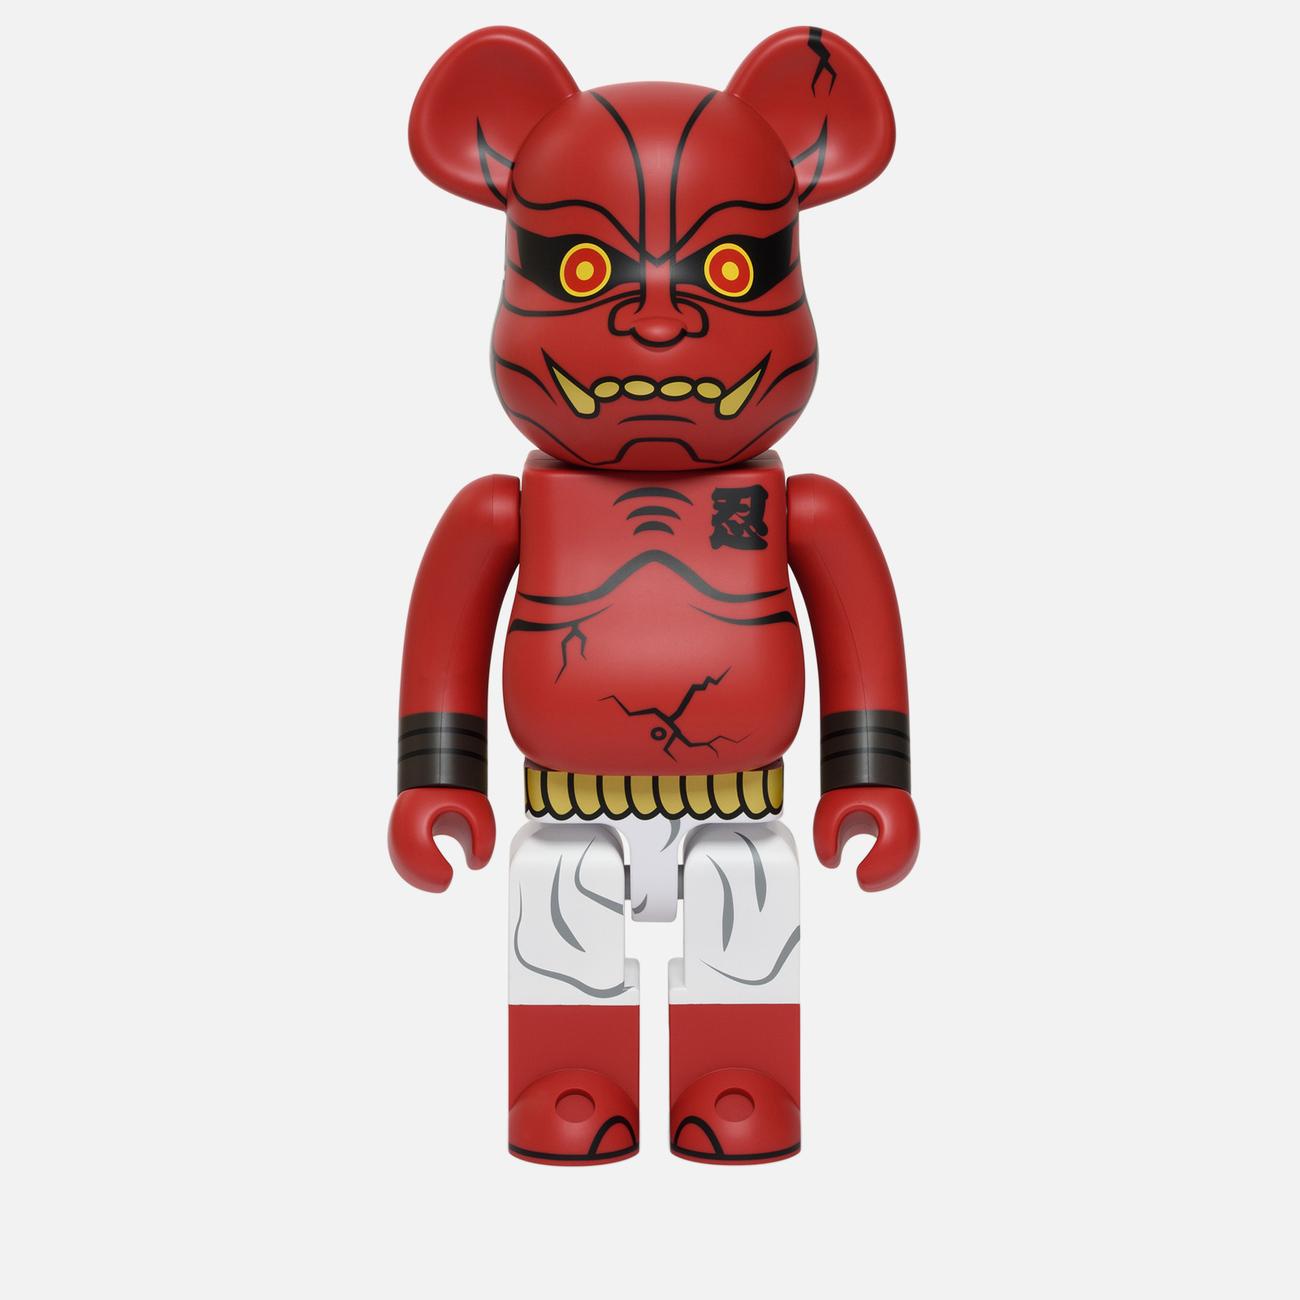 Игрушка Medicom Toy Bearbrick Akaoni 1000%